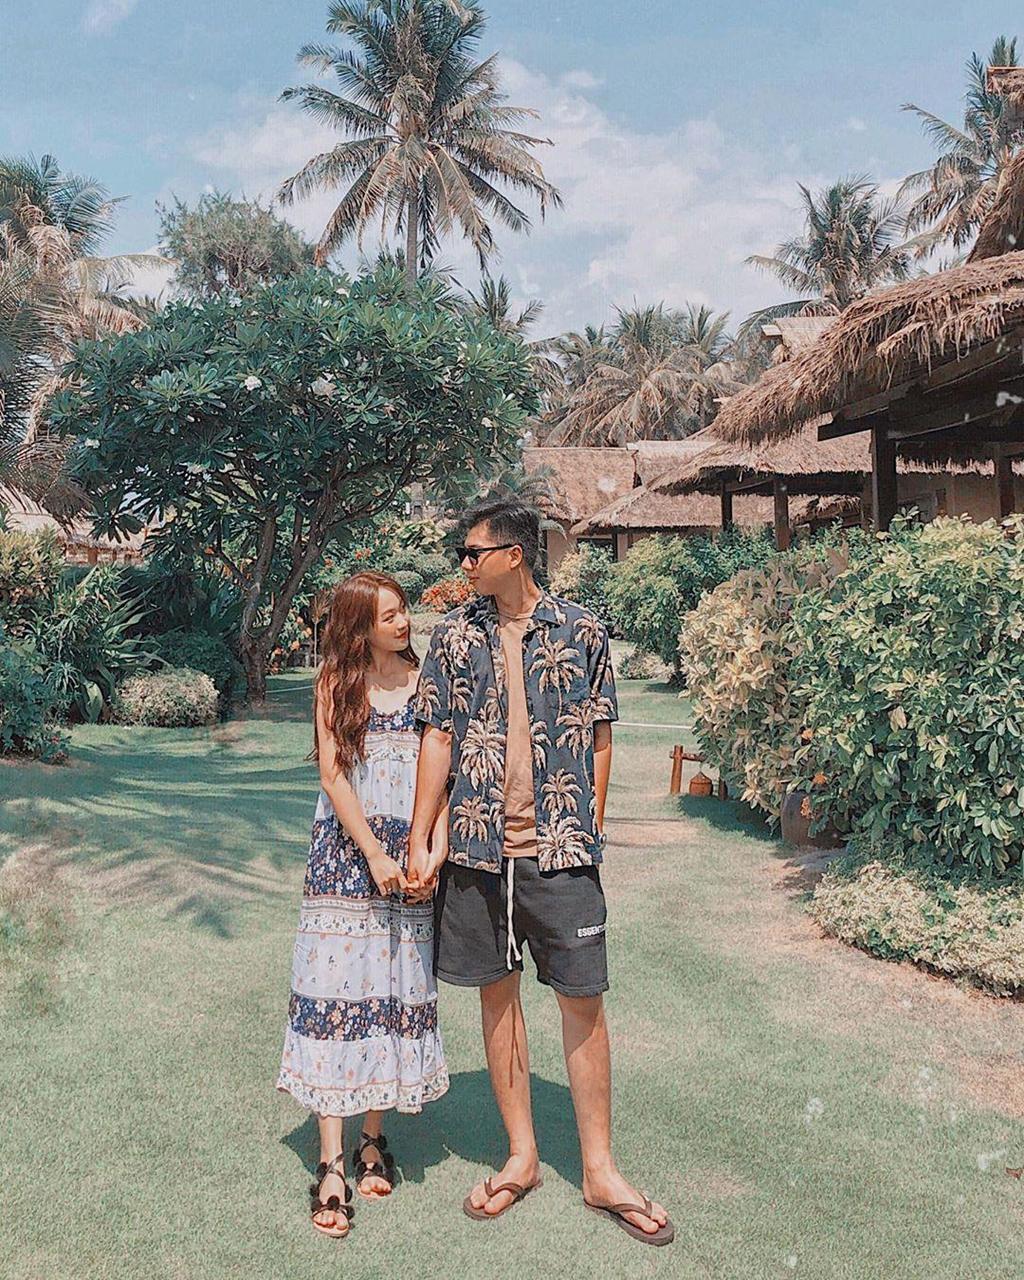 10 khách sạn, resort đẳng cấp 4 sao tốt nhất Việt Nam 2019 Ảnh 10